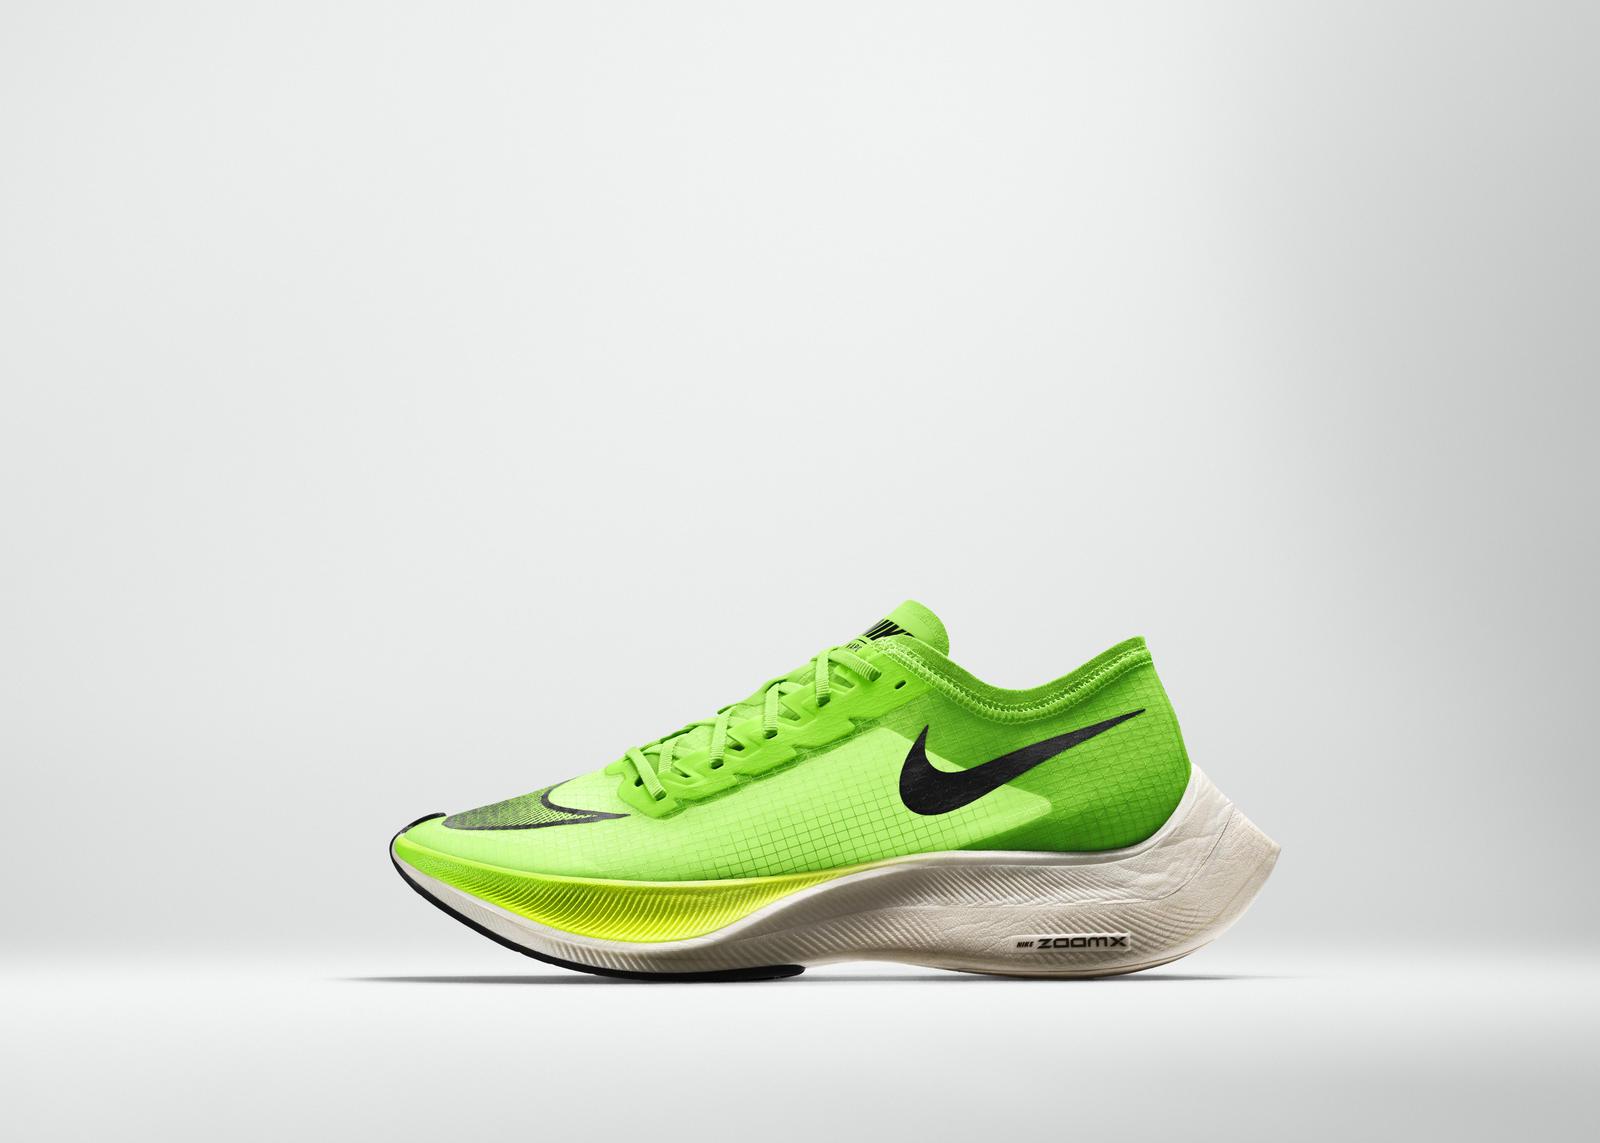 Nike Zoom Vaporfly 4 Next 78 Korting Www Ennovy Nl